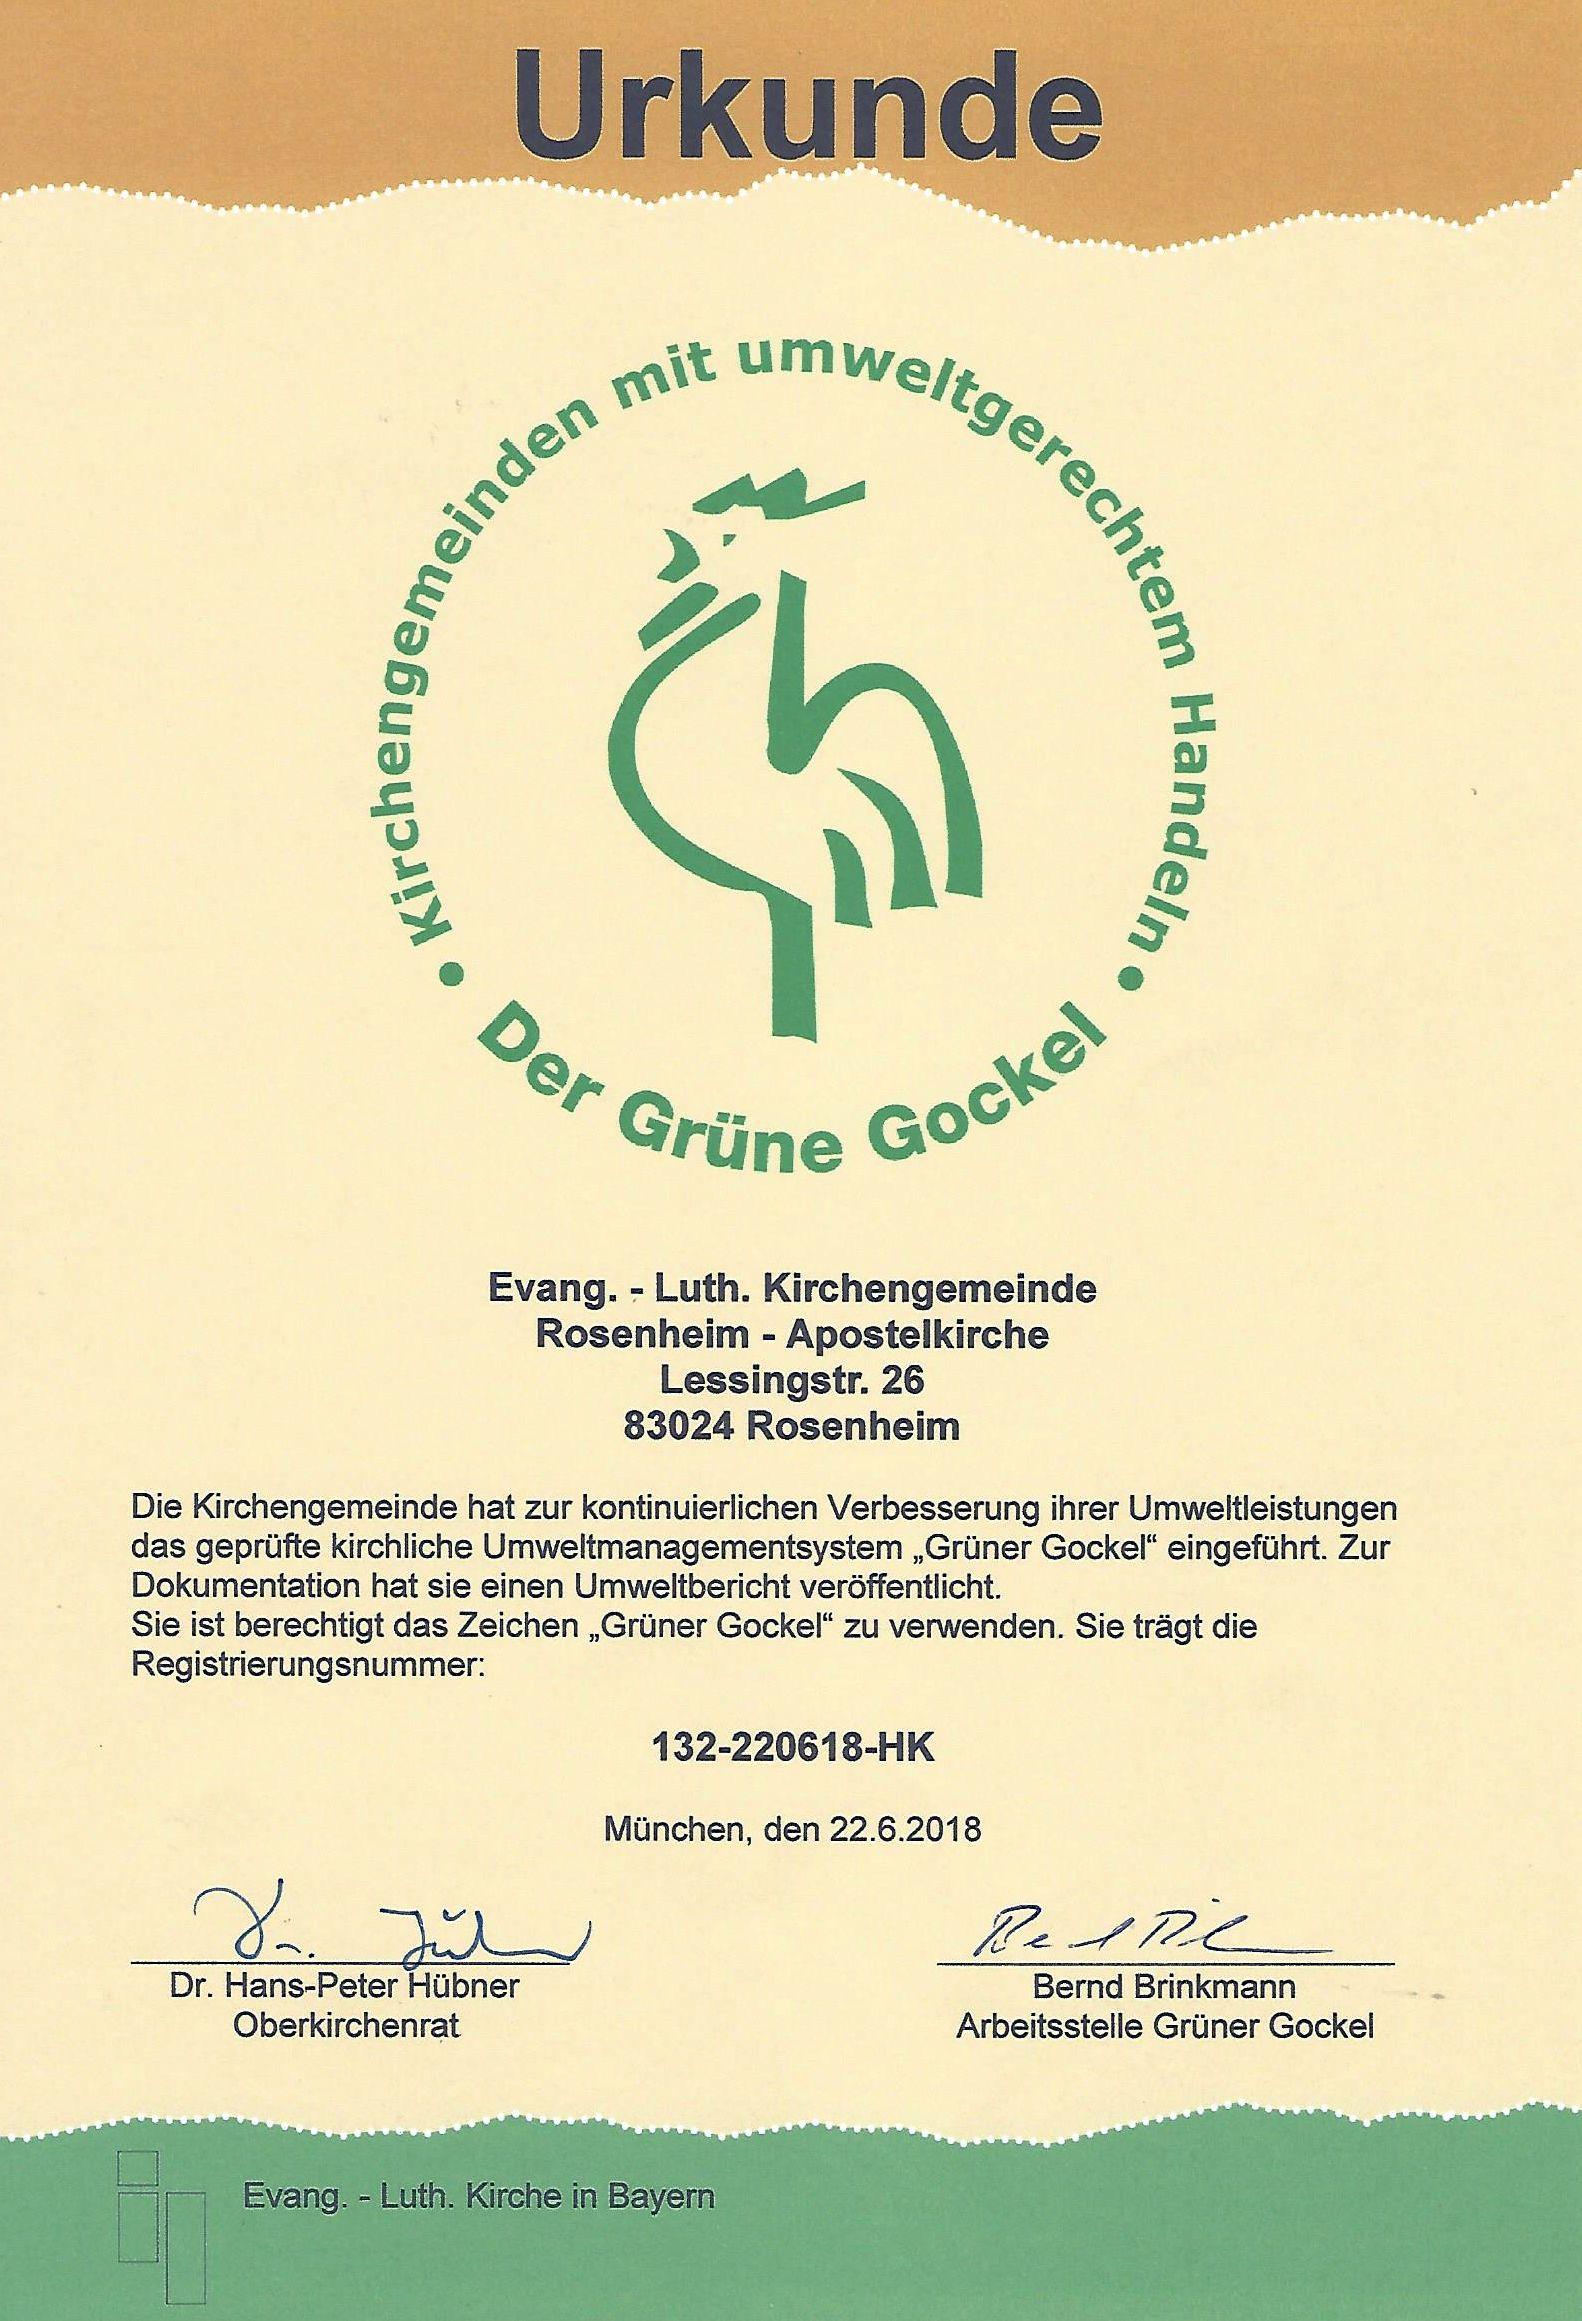 Urkunde Grüner Gockel für die Apostelkirche